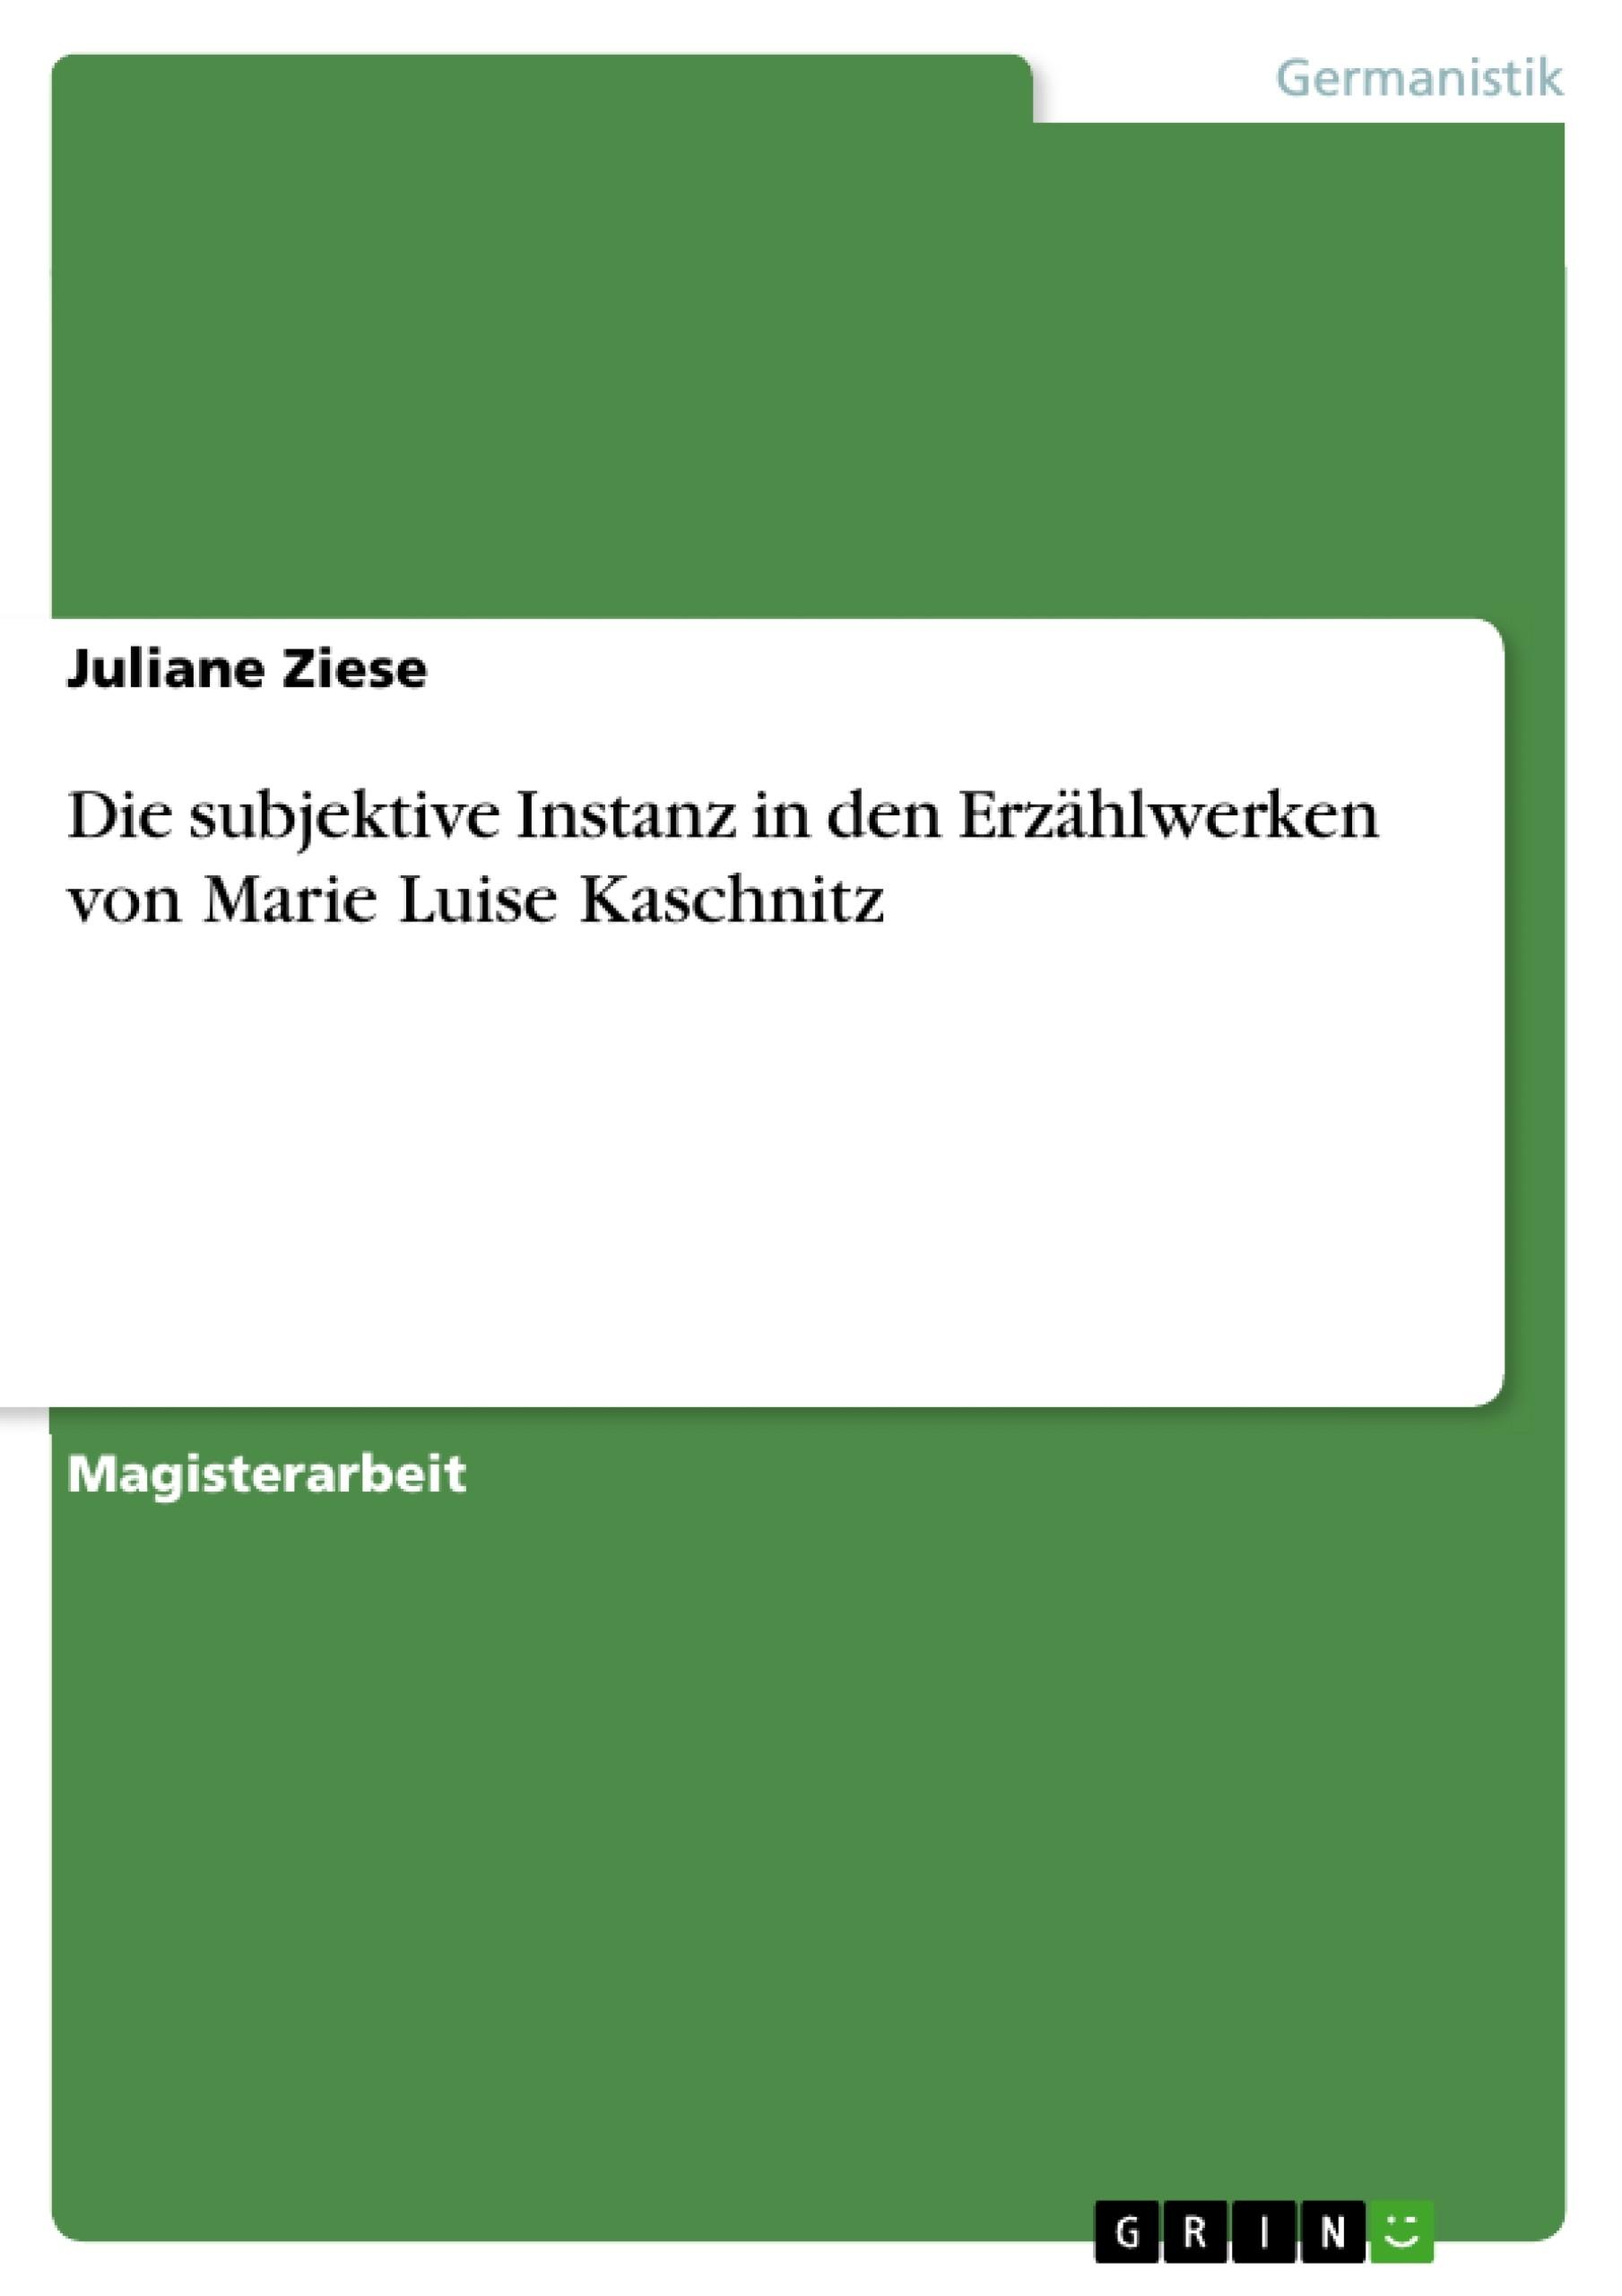 Titel: Die subjektive Instanz in den Erzählwerken von Marie Luise Kaschnitz